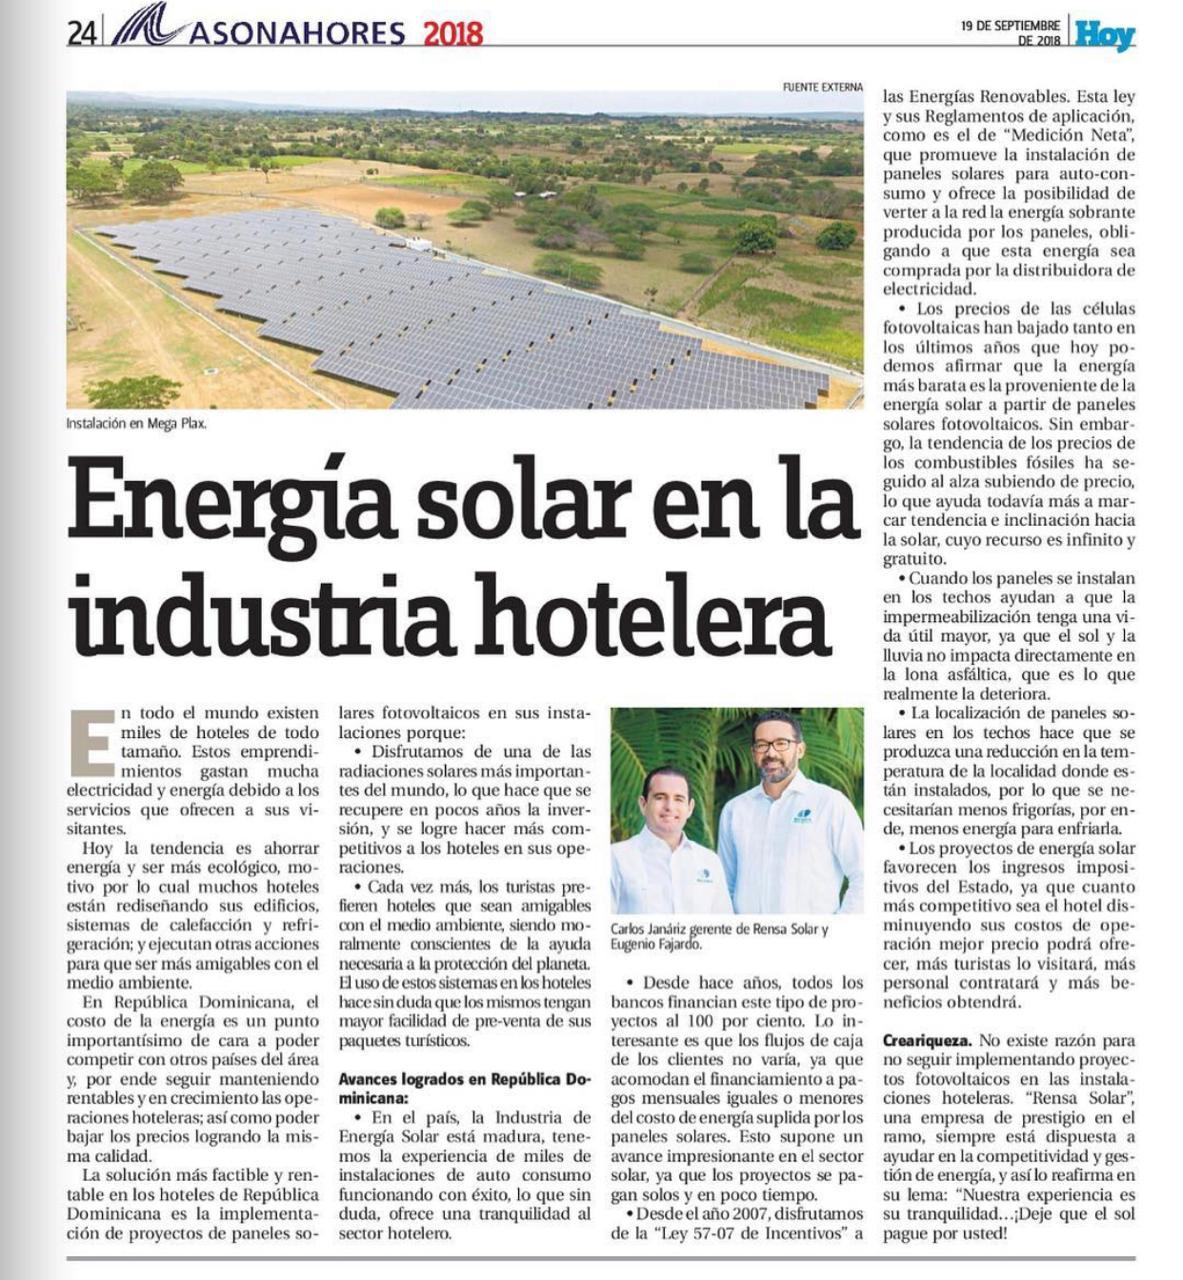 Energía Solar en la Industria Hotelera